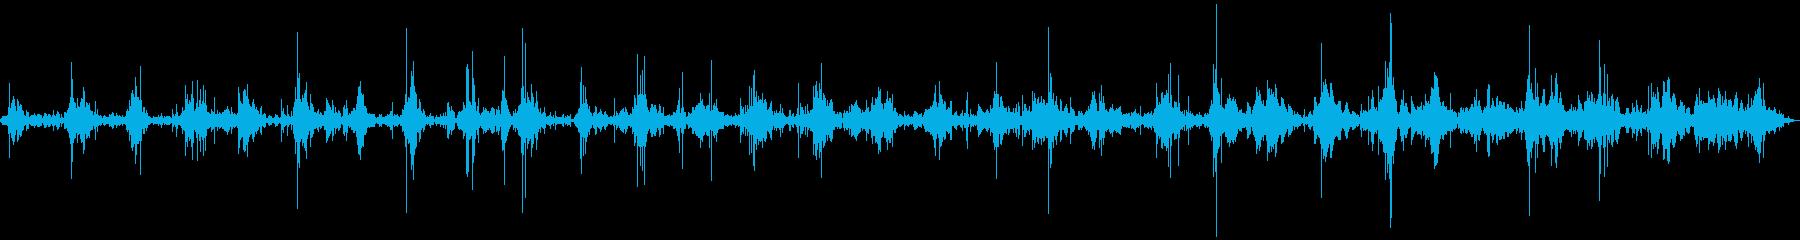 山の中を歩く時の音のサンプリングの再生済みの波形